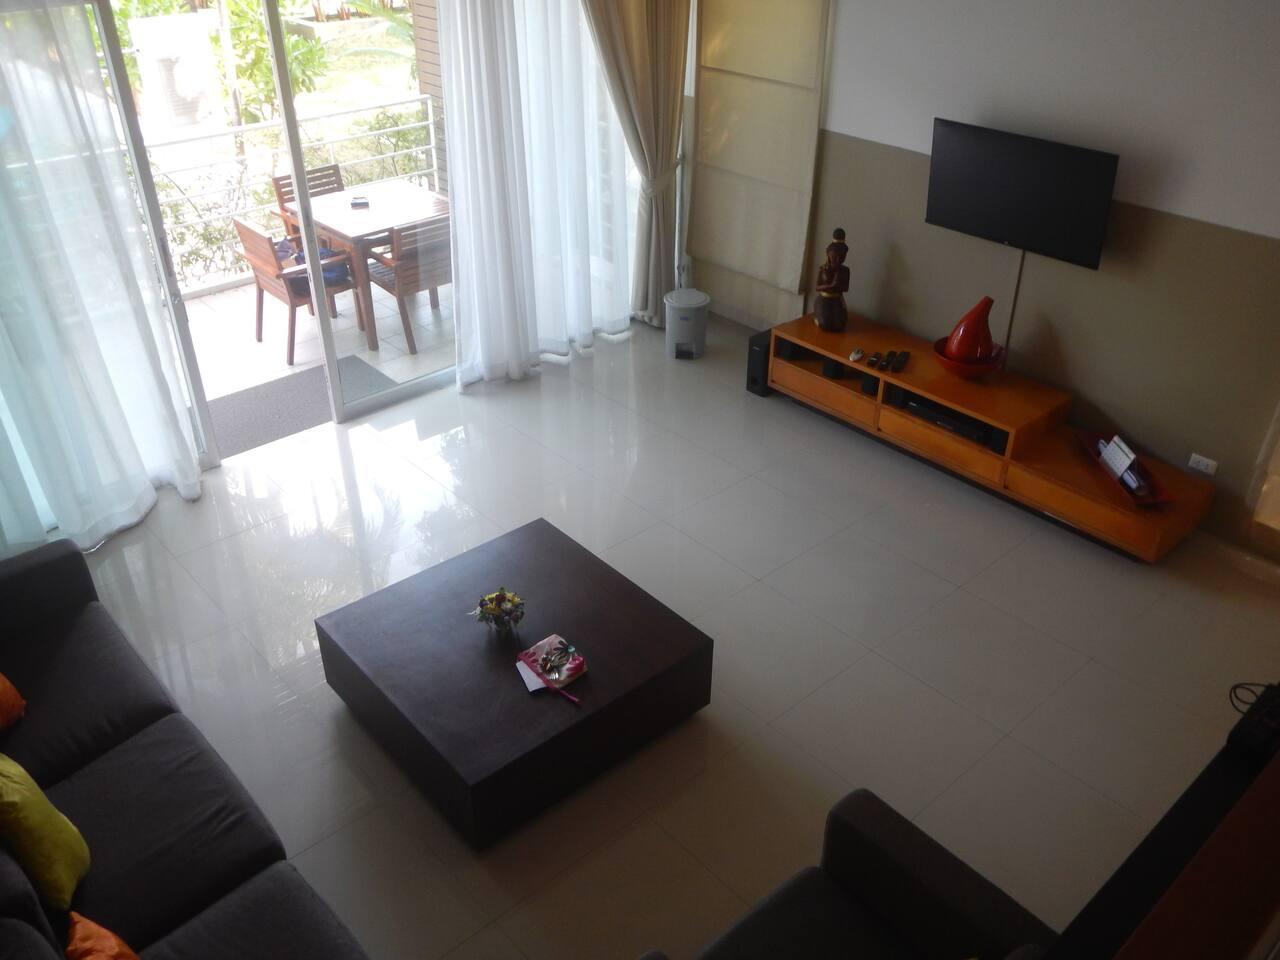 The Park Samui - Tamarina town house อพาร์ตเมนต์ 2 ห้องนอน 3 ห้องน้ำส่วนตัว ขนาด 170 ตร.ม. – เชิงมน